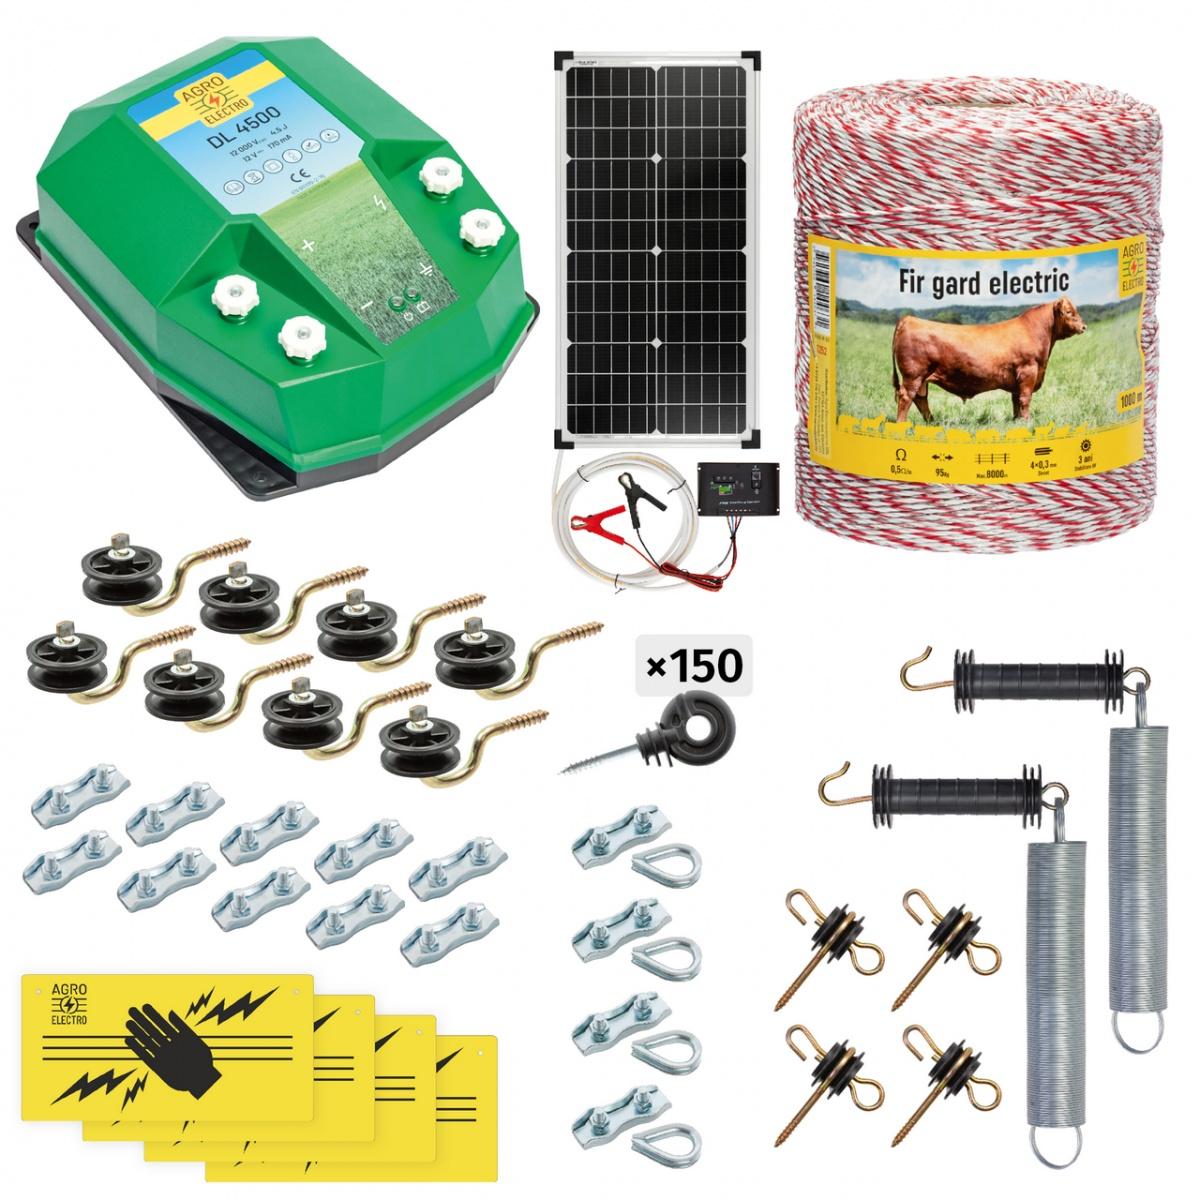 Teljes villanypásztor csomag háziállatoknak, 1000m, 4,5Joule, napelemes rendszerrel